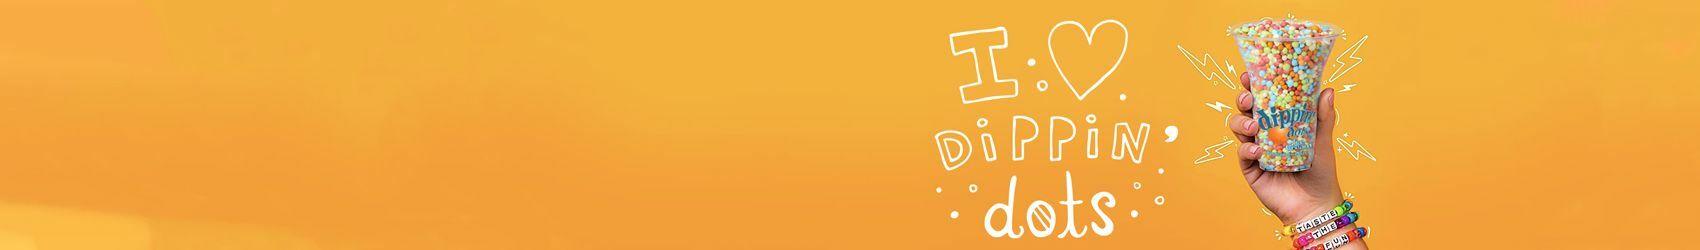 Dippin Dots Image